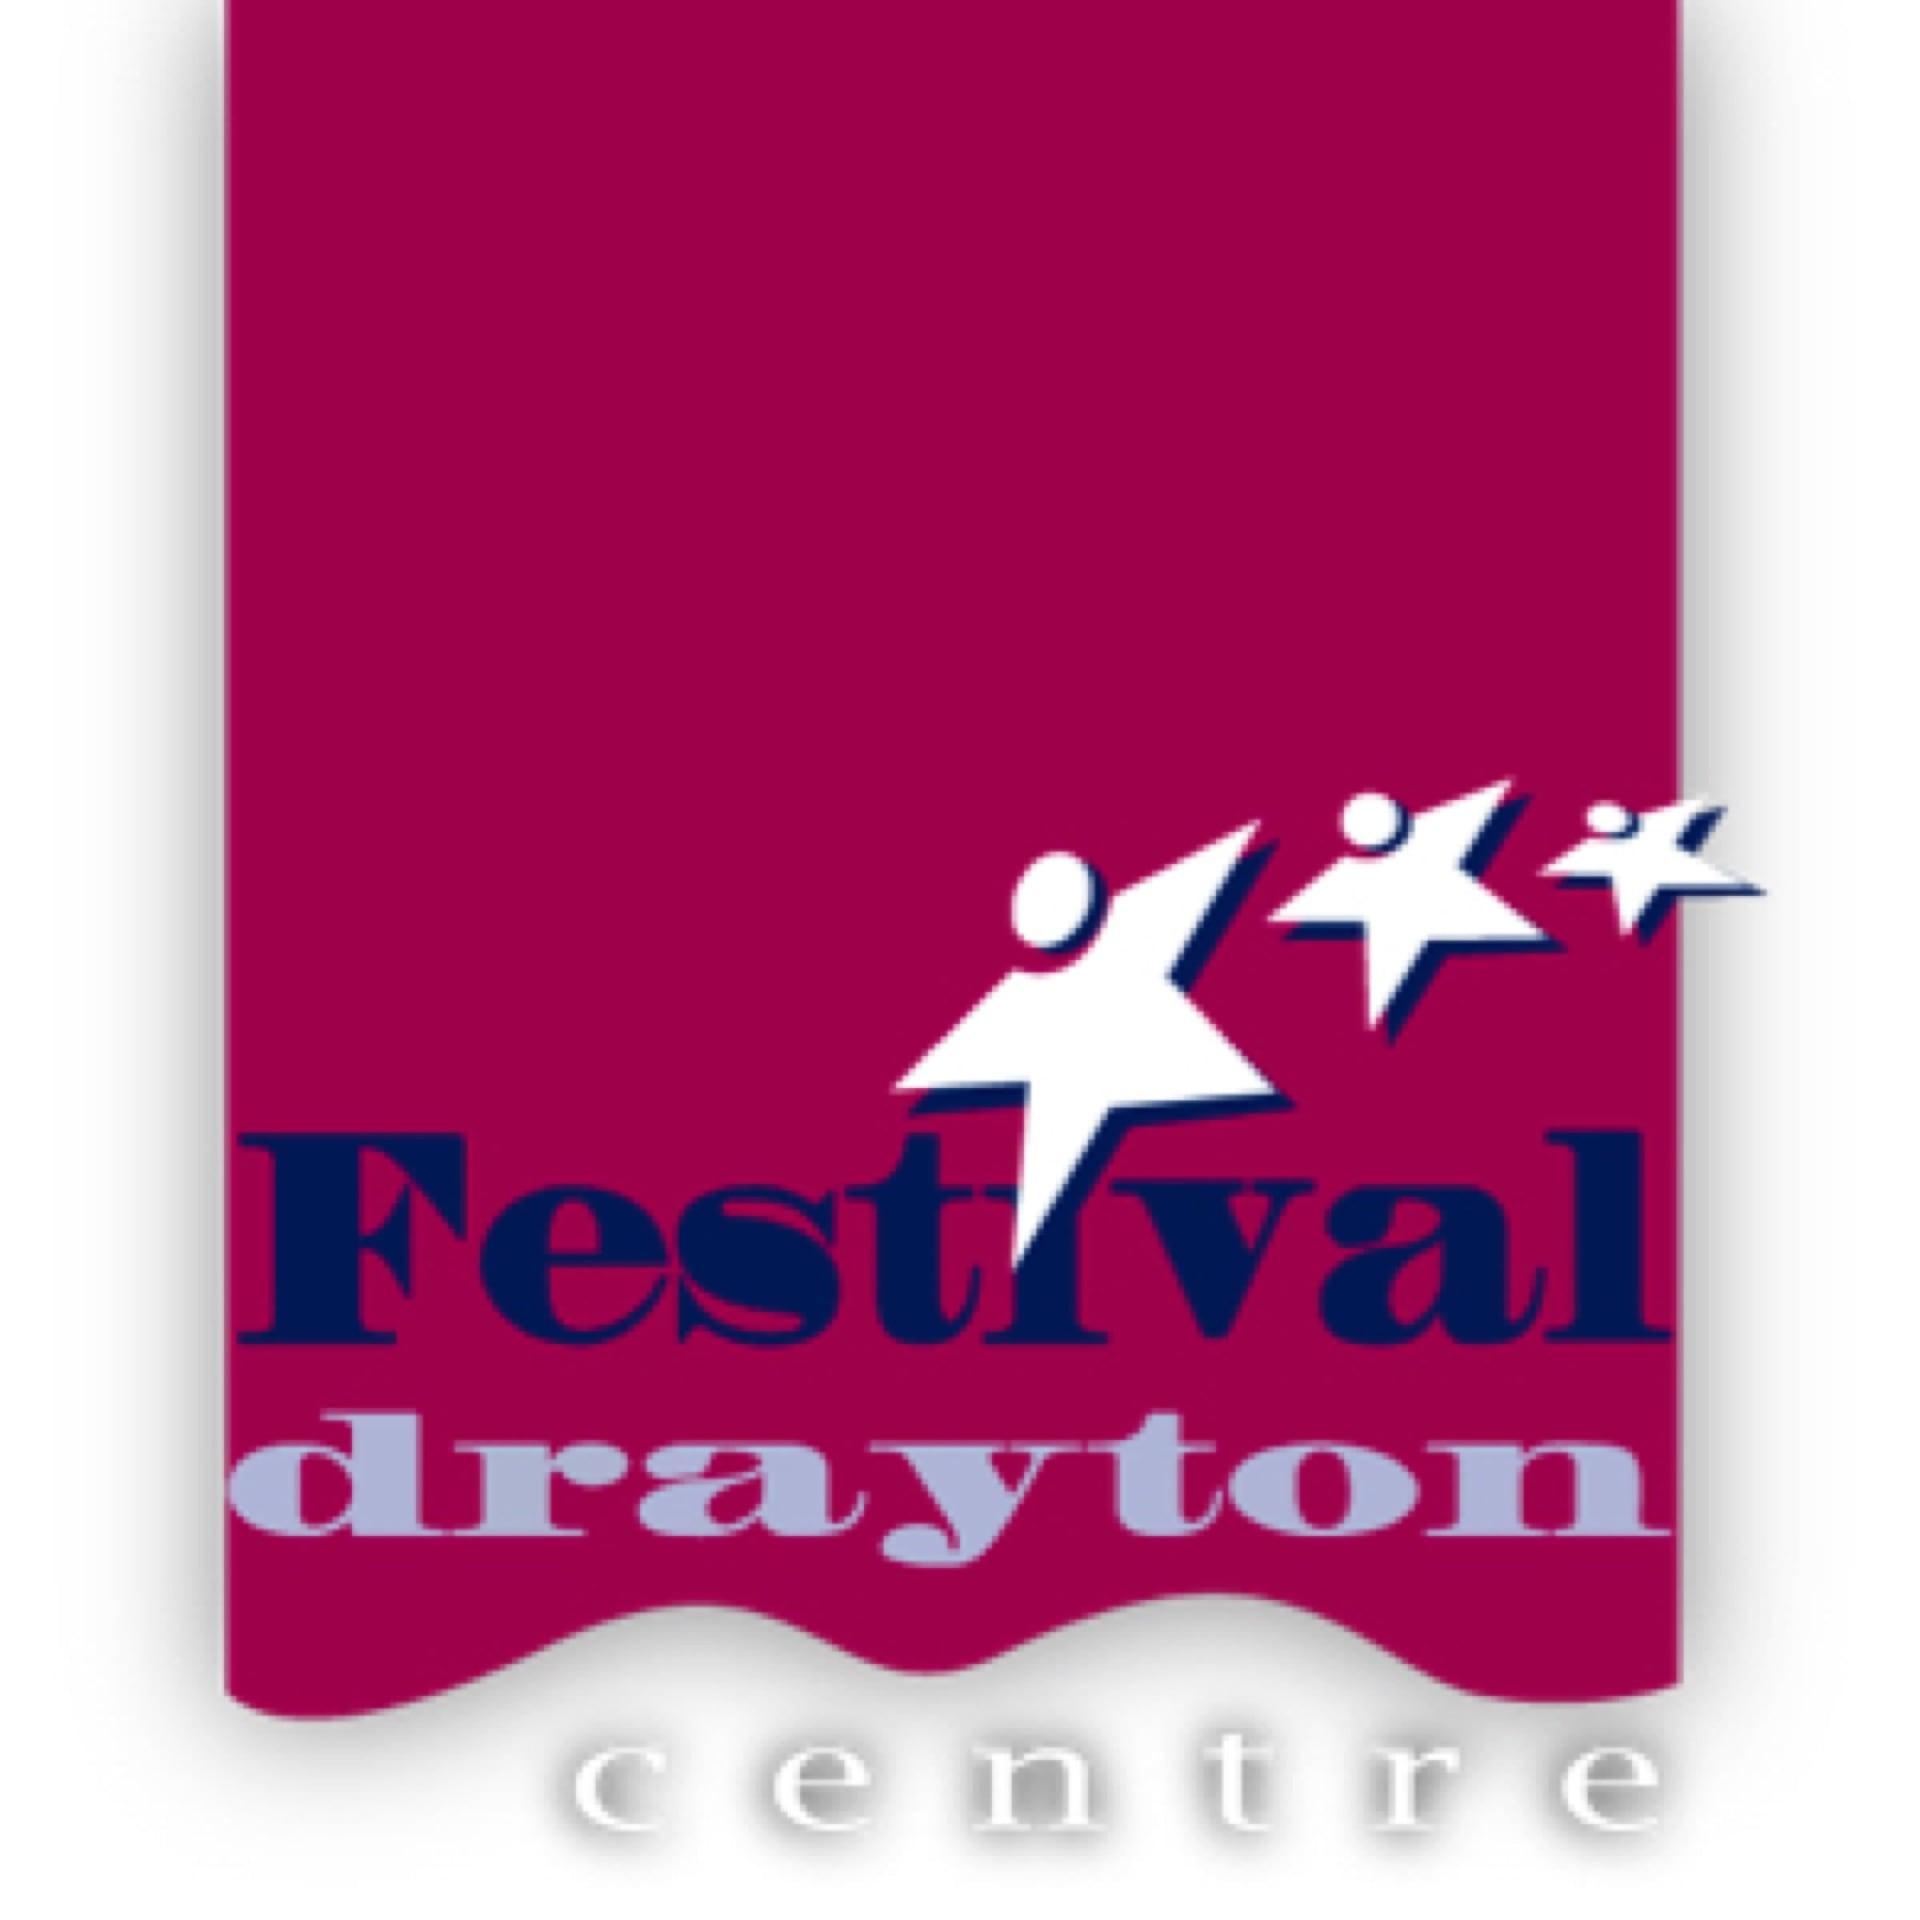 Festival Drayton Centre